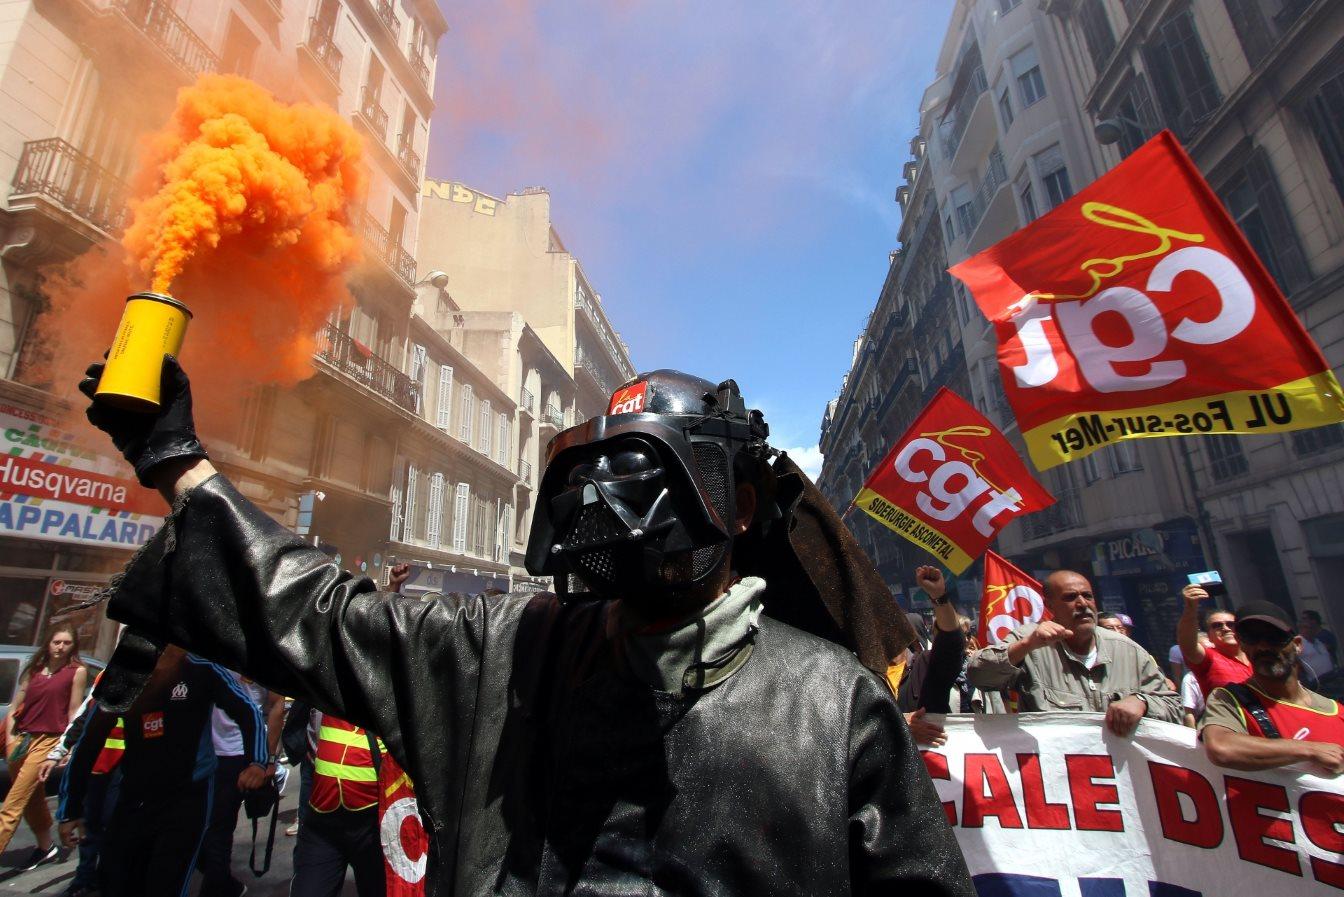 Στιγμιότυπο από τις διαδηλώσεις διαμαρτυρίας κατά της εργατικής μεταρρύθμισης, στη Μασσαλία. @AP Photo/Claude Paris